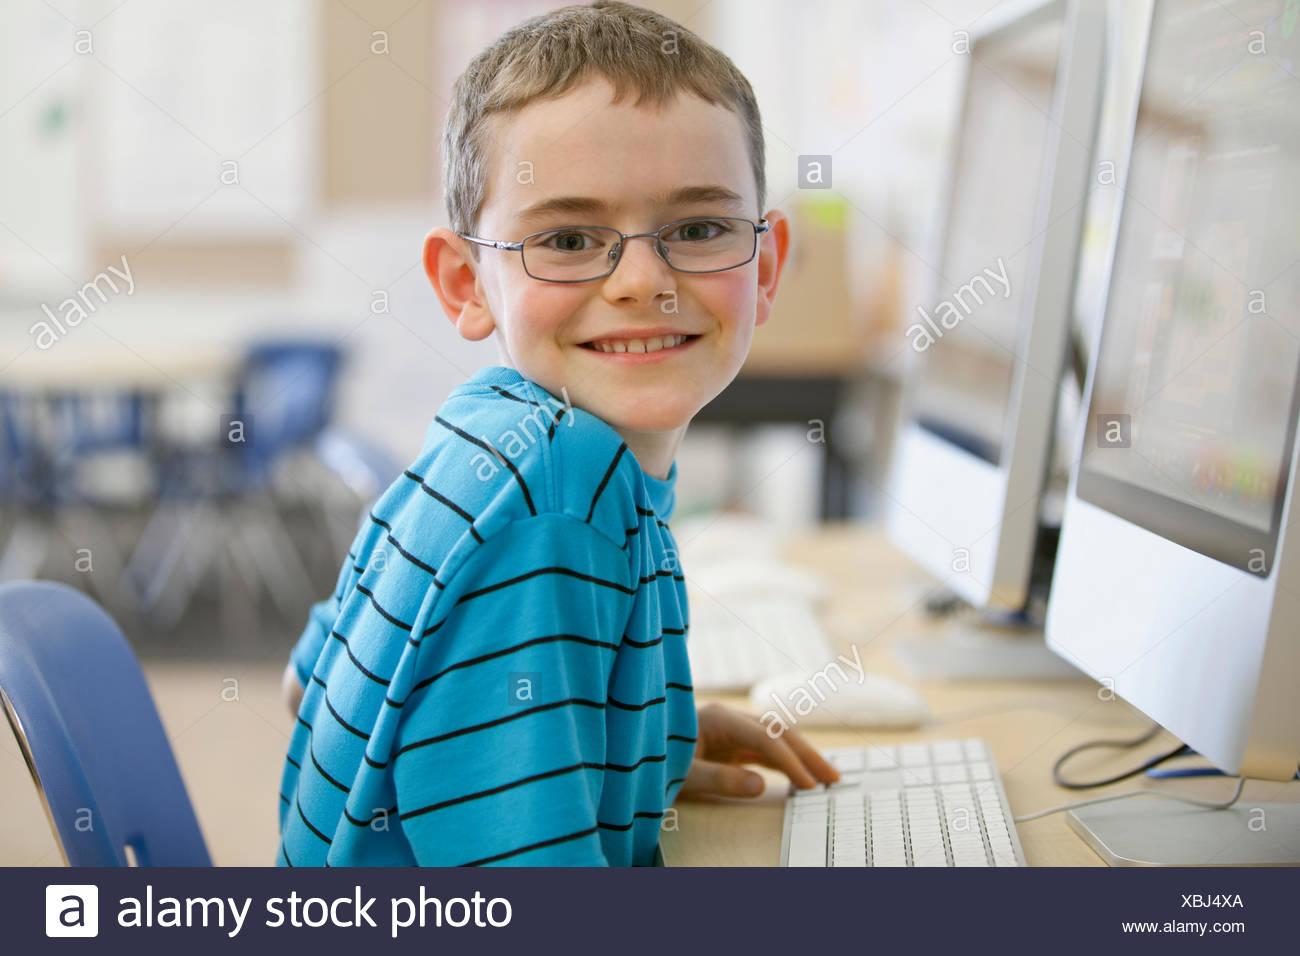 Homme, élève d'école élémentaire sur un clavier d'ordinateur de bureau. Photo Stock